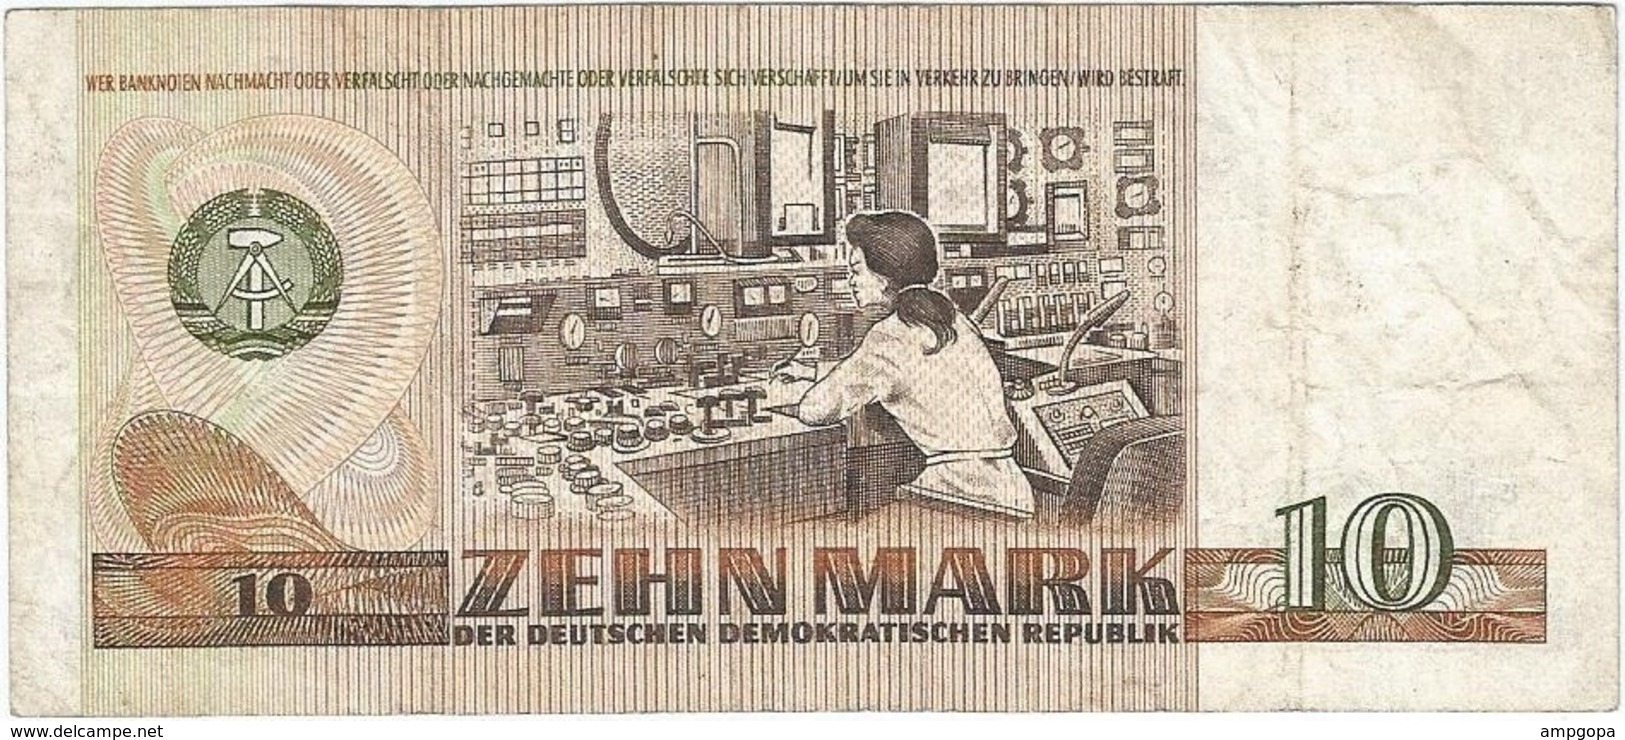 Alemania Democrática - German Democrátic 10 Mark 1971 Replacement ZN Pick 28b.r Ref 900-2 - 10 Deutsche Mark